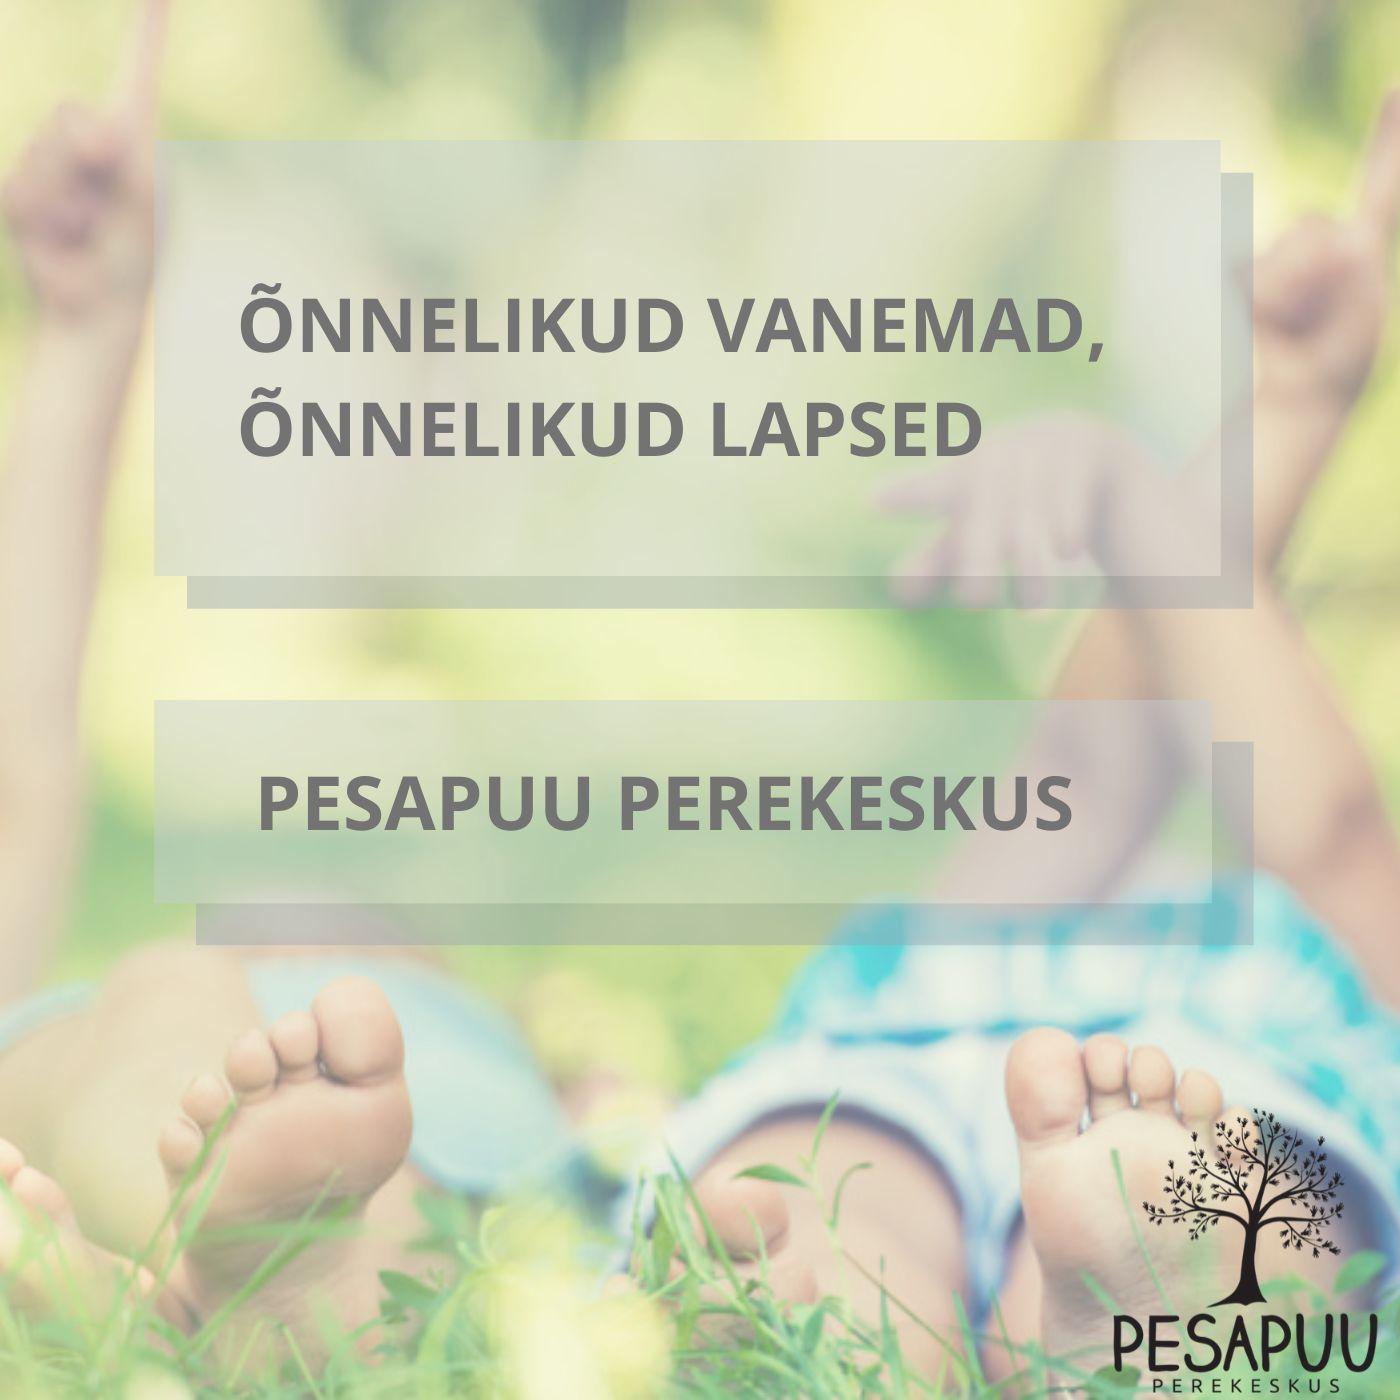 Õnnelikud vanemad, õnnelikud lapsed!